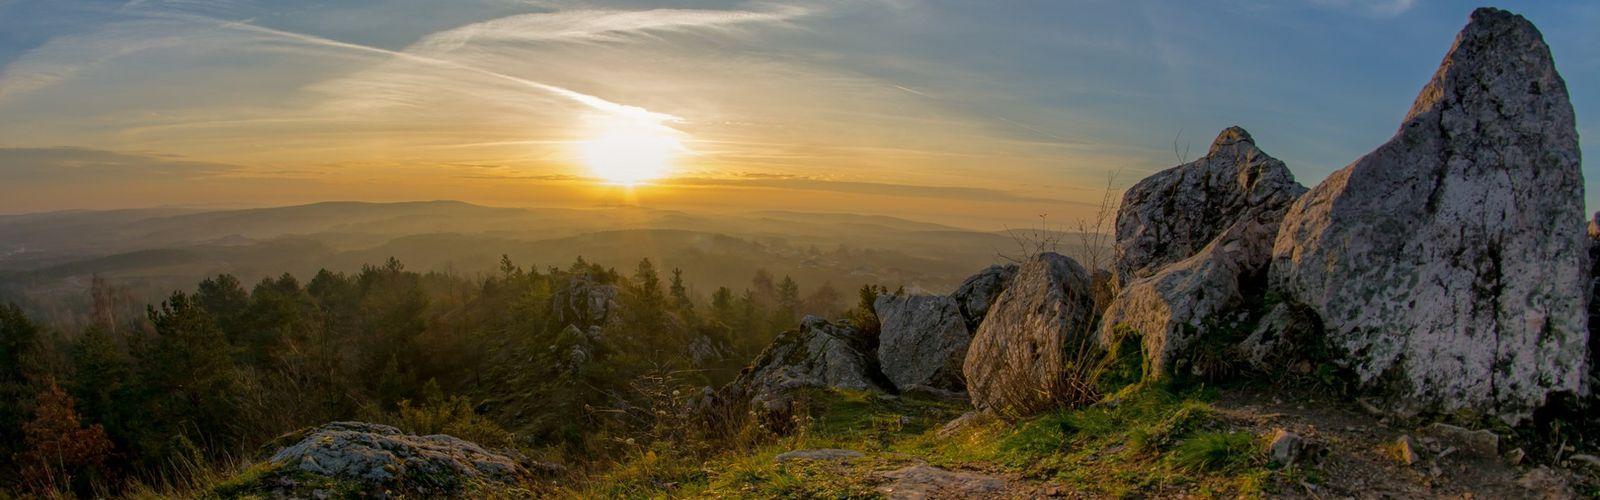 Zdjęcie przedstawia wschód słońca, lasy, skały.